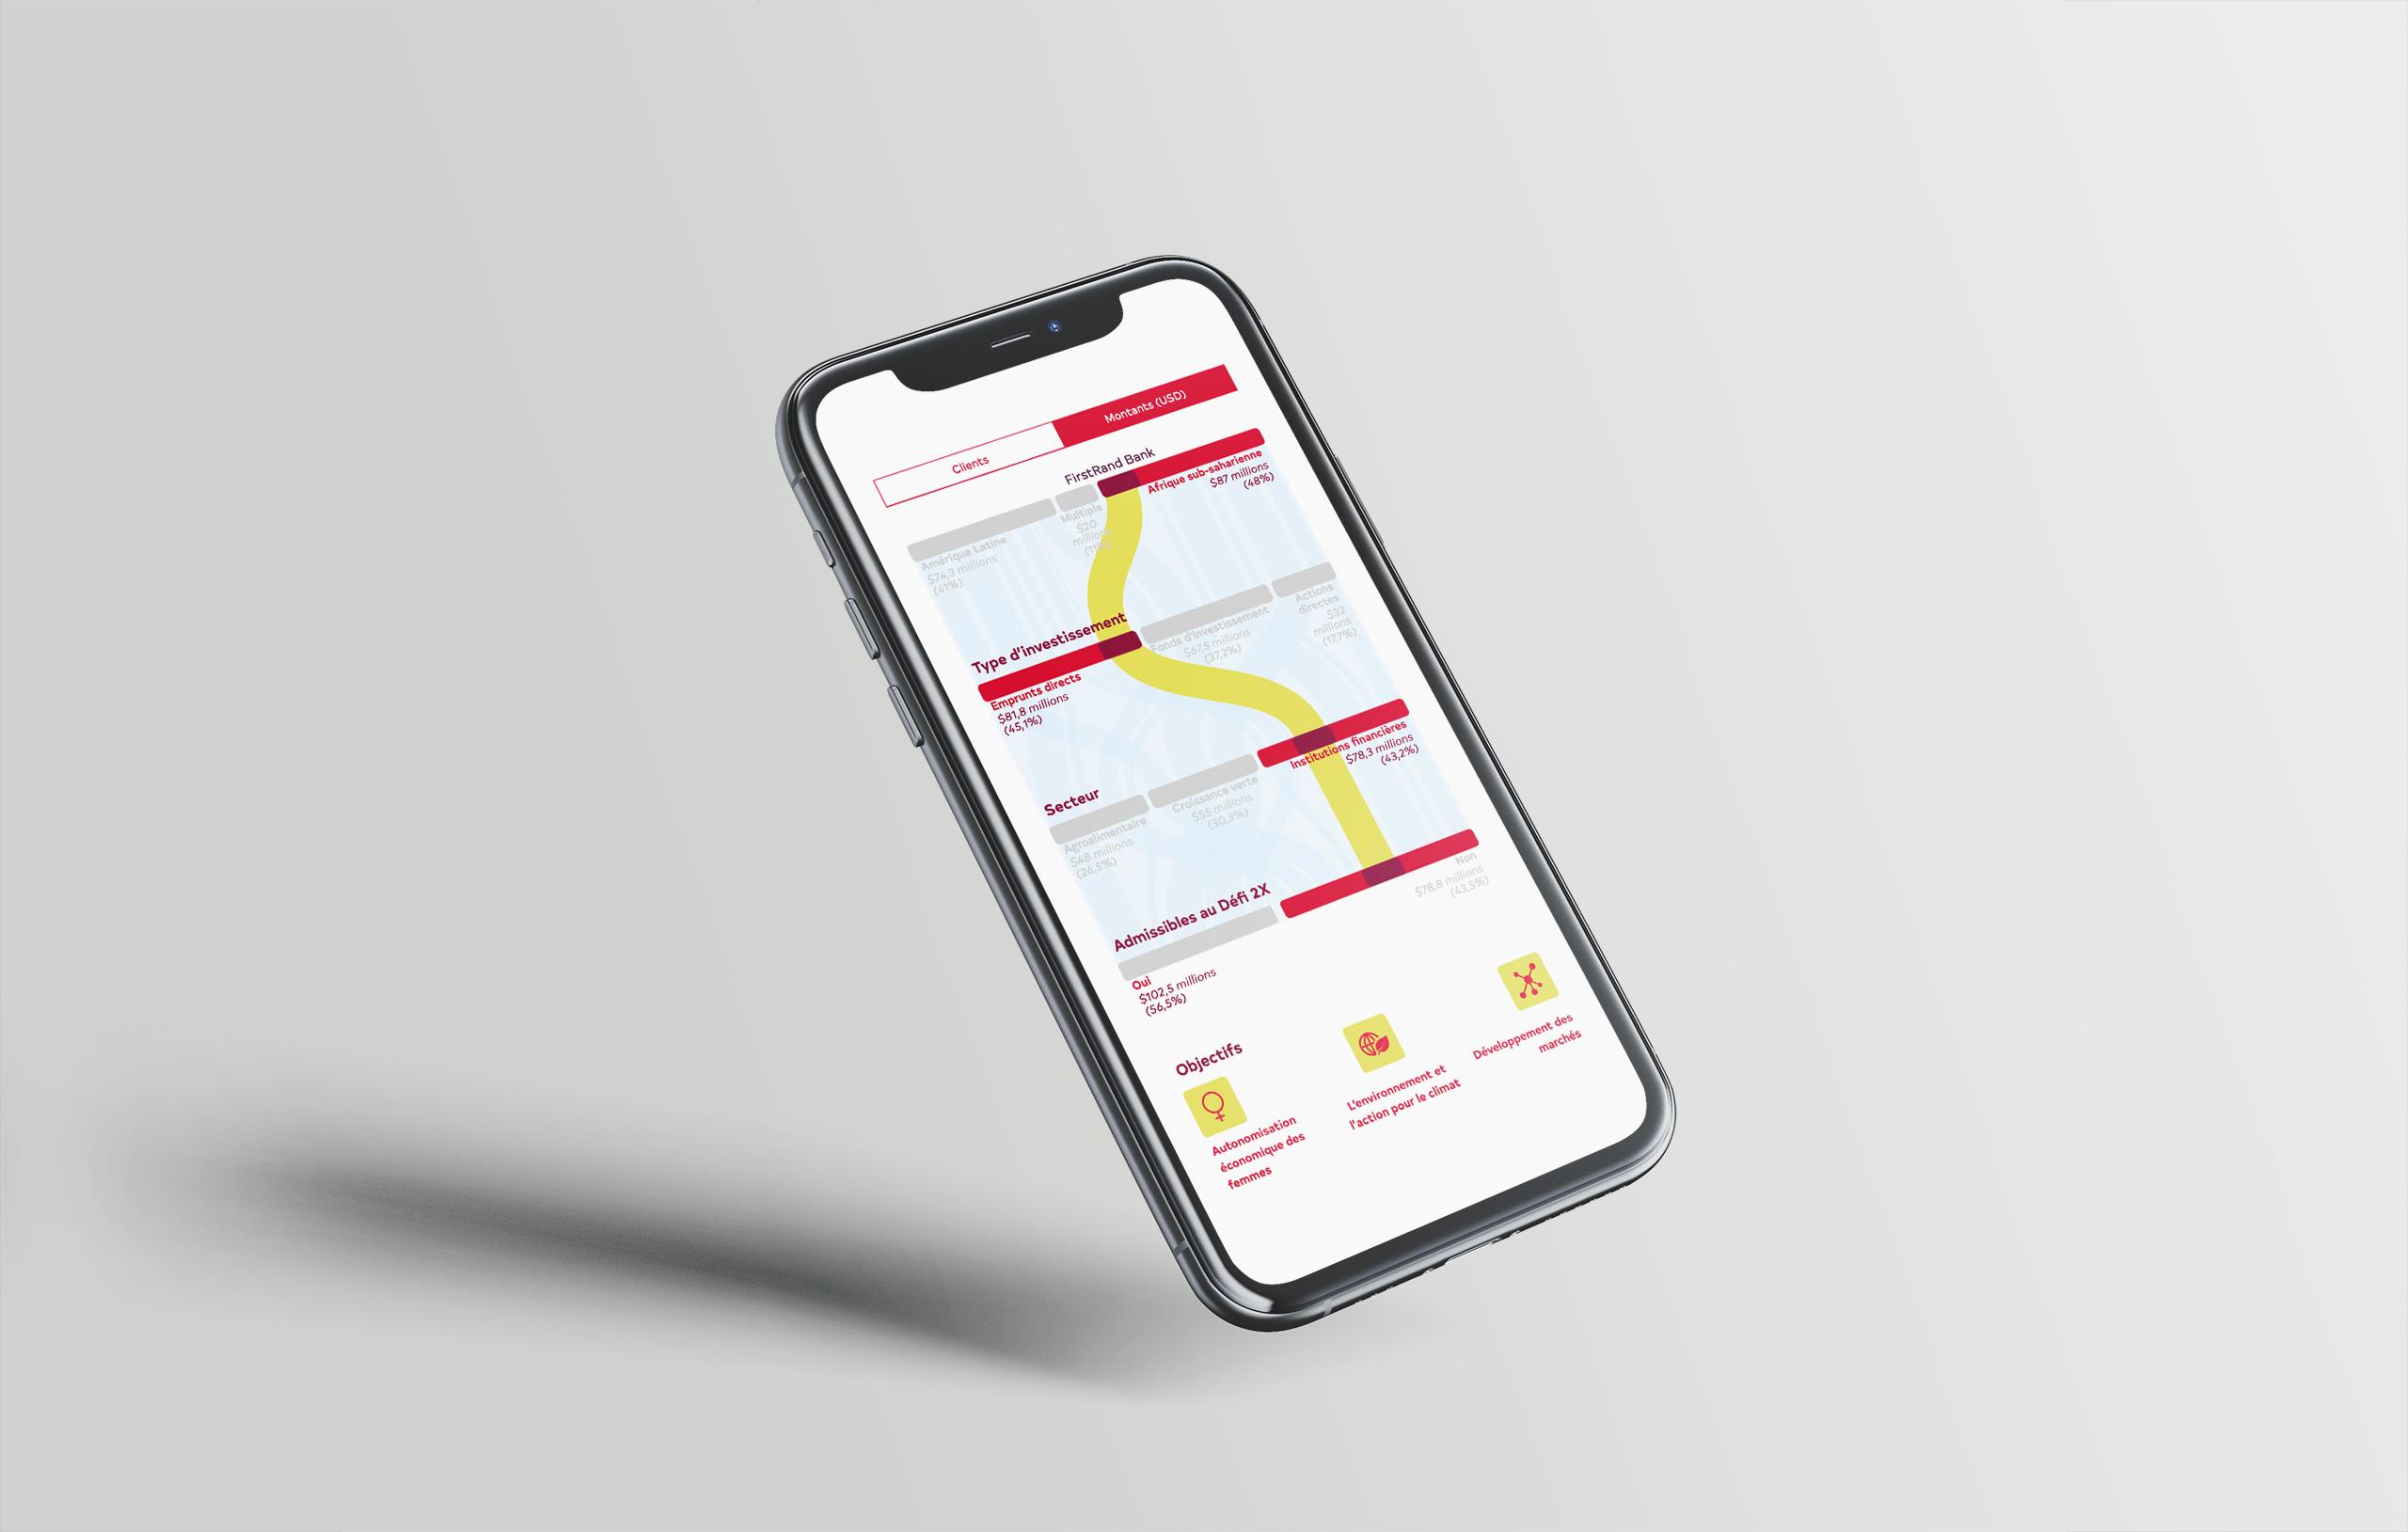 Image d'un téléphone affichant le graphique alluvial qui présente le portfolio de FinDev Canada en rouge, jaune et bleu.